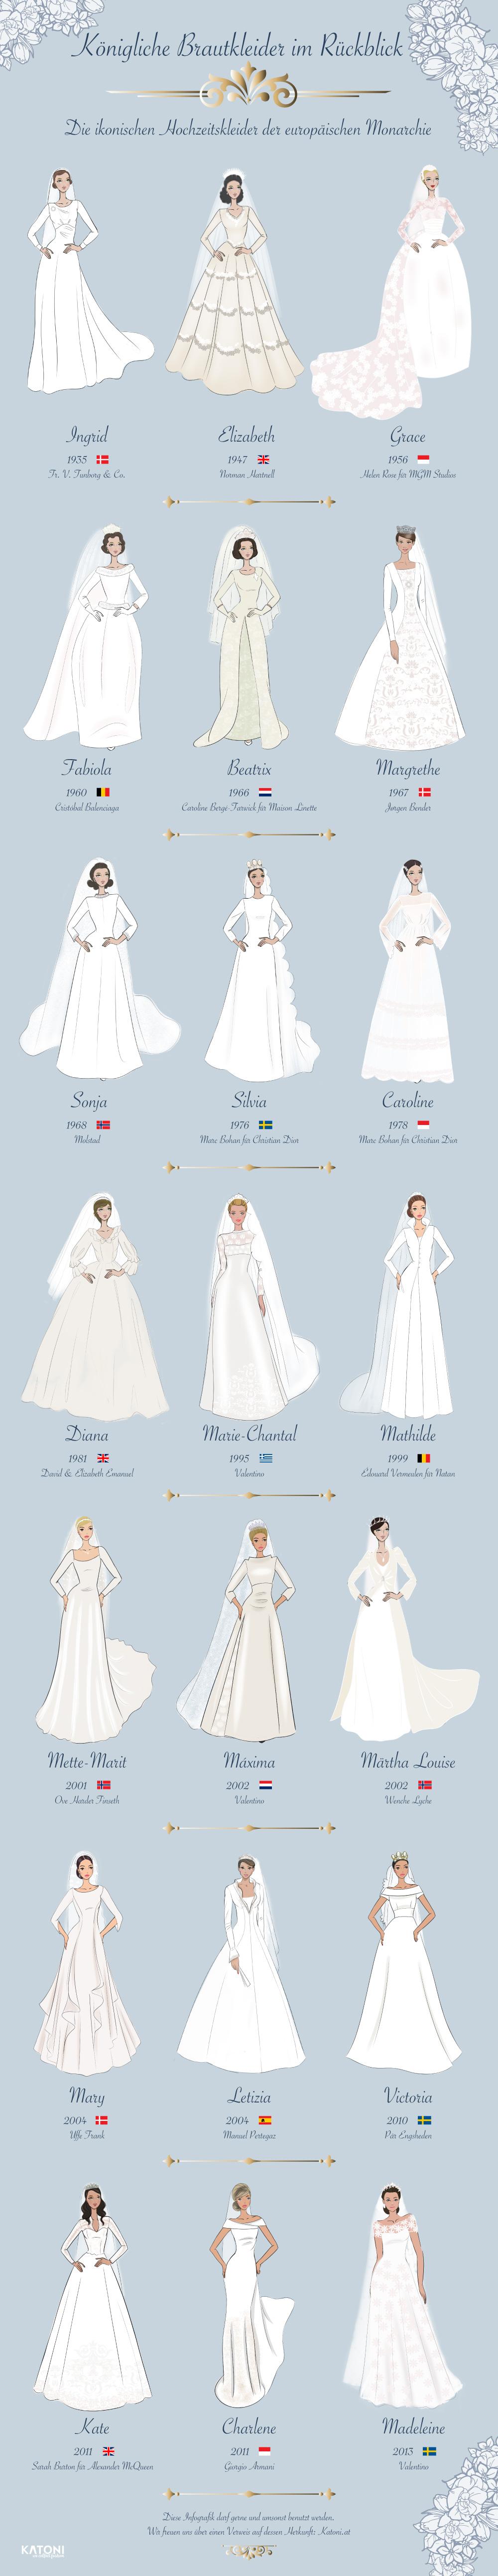 Königliche Brautkleider europäischer Prinzessinnen in der Übersicht von 1935 bis 2013